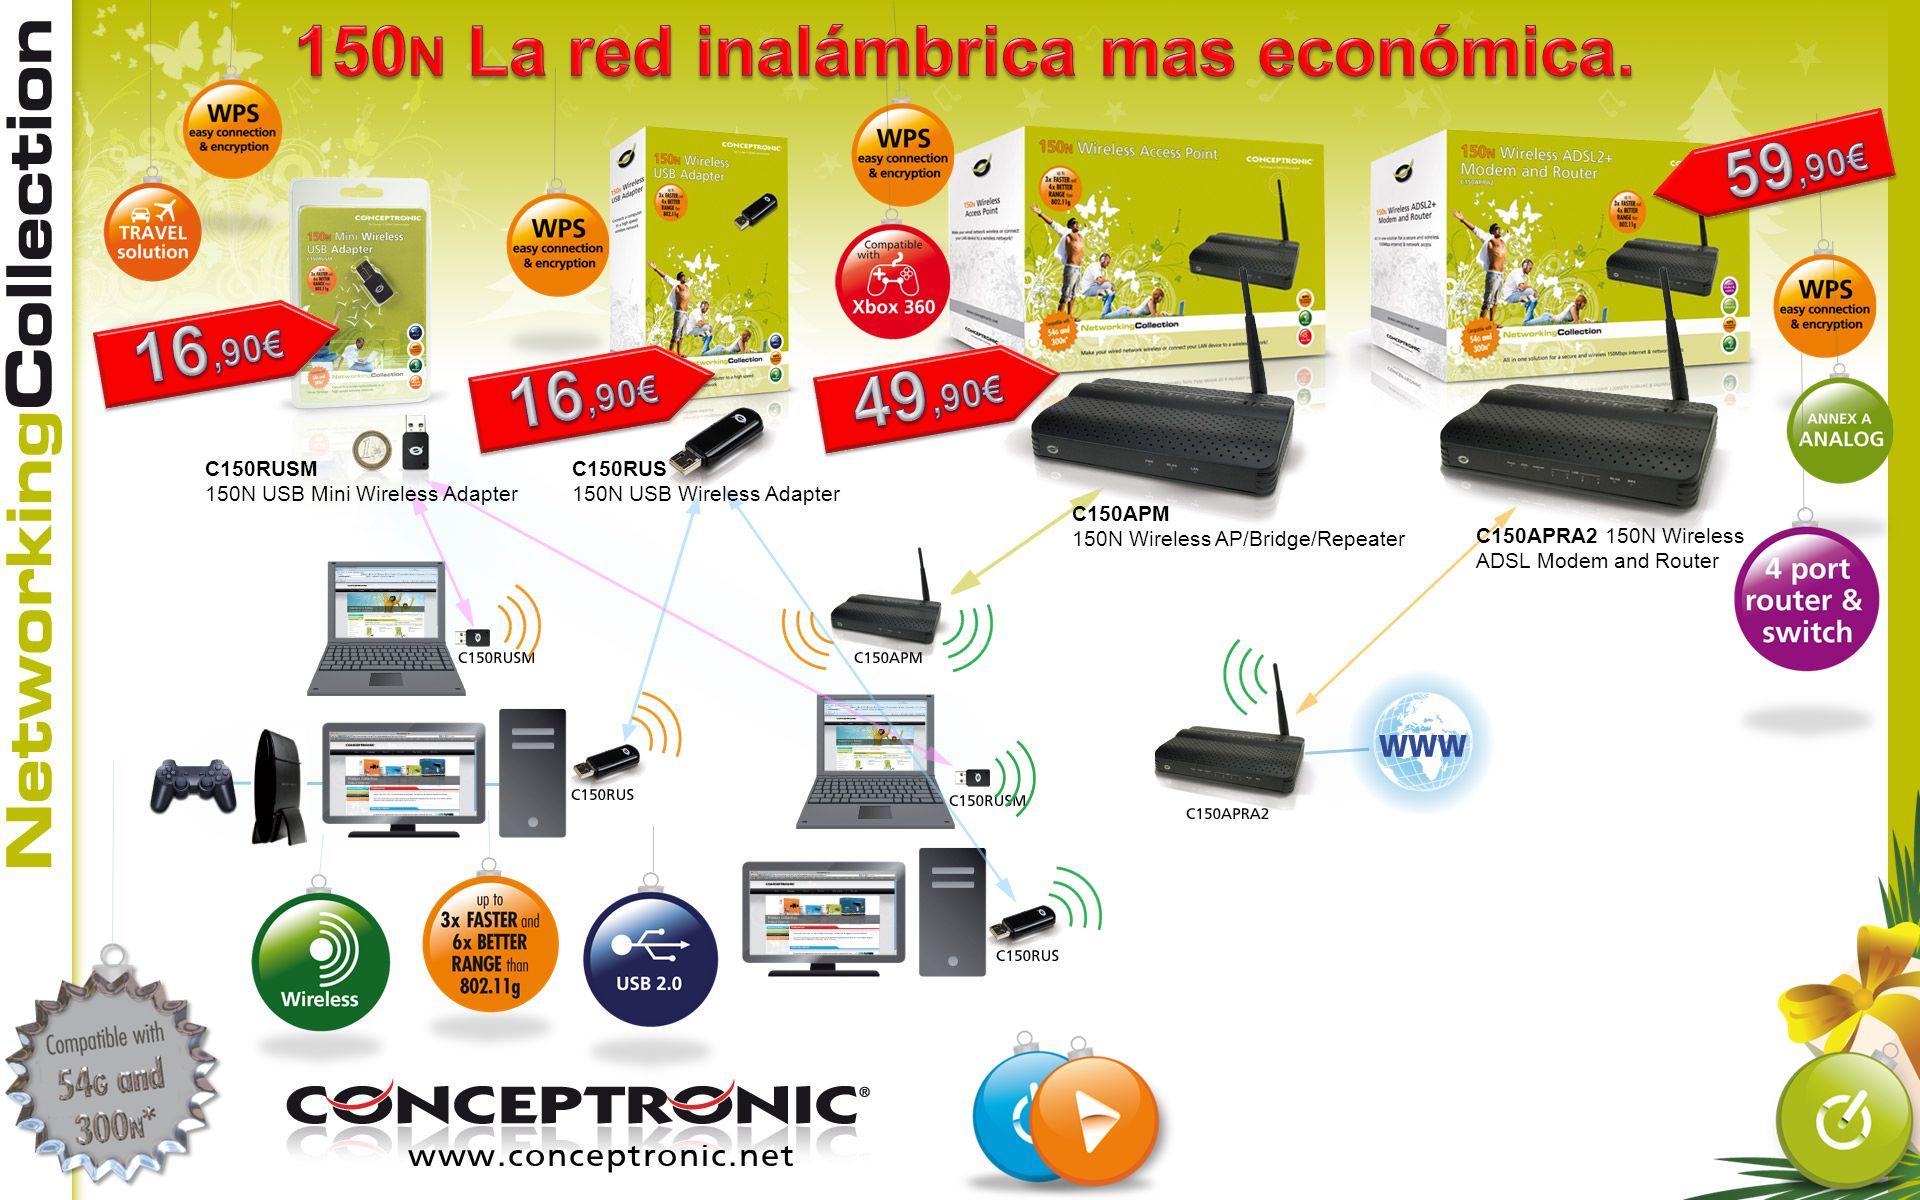 150N La red inalámbrica mas económica.